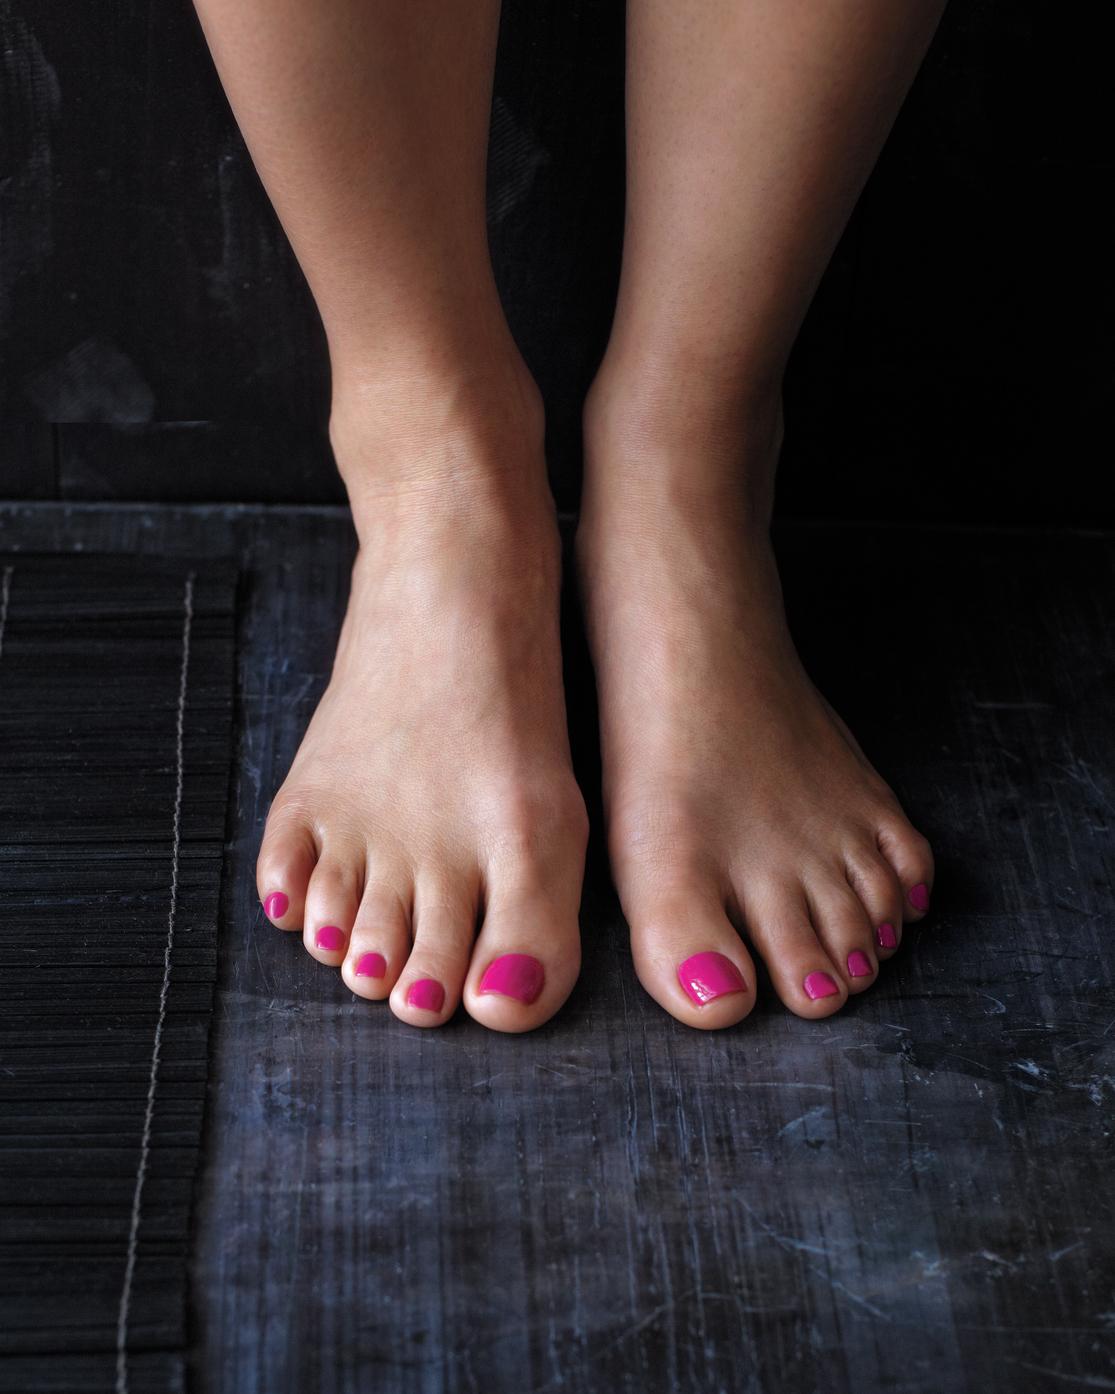 feet-nailpolish-mbd108851.jpg